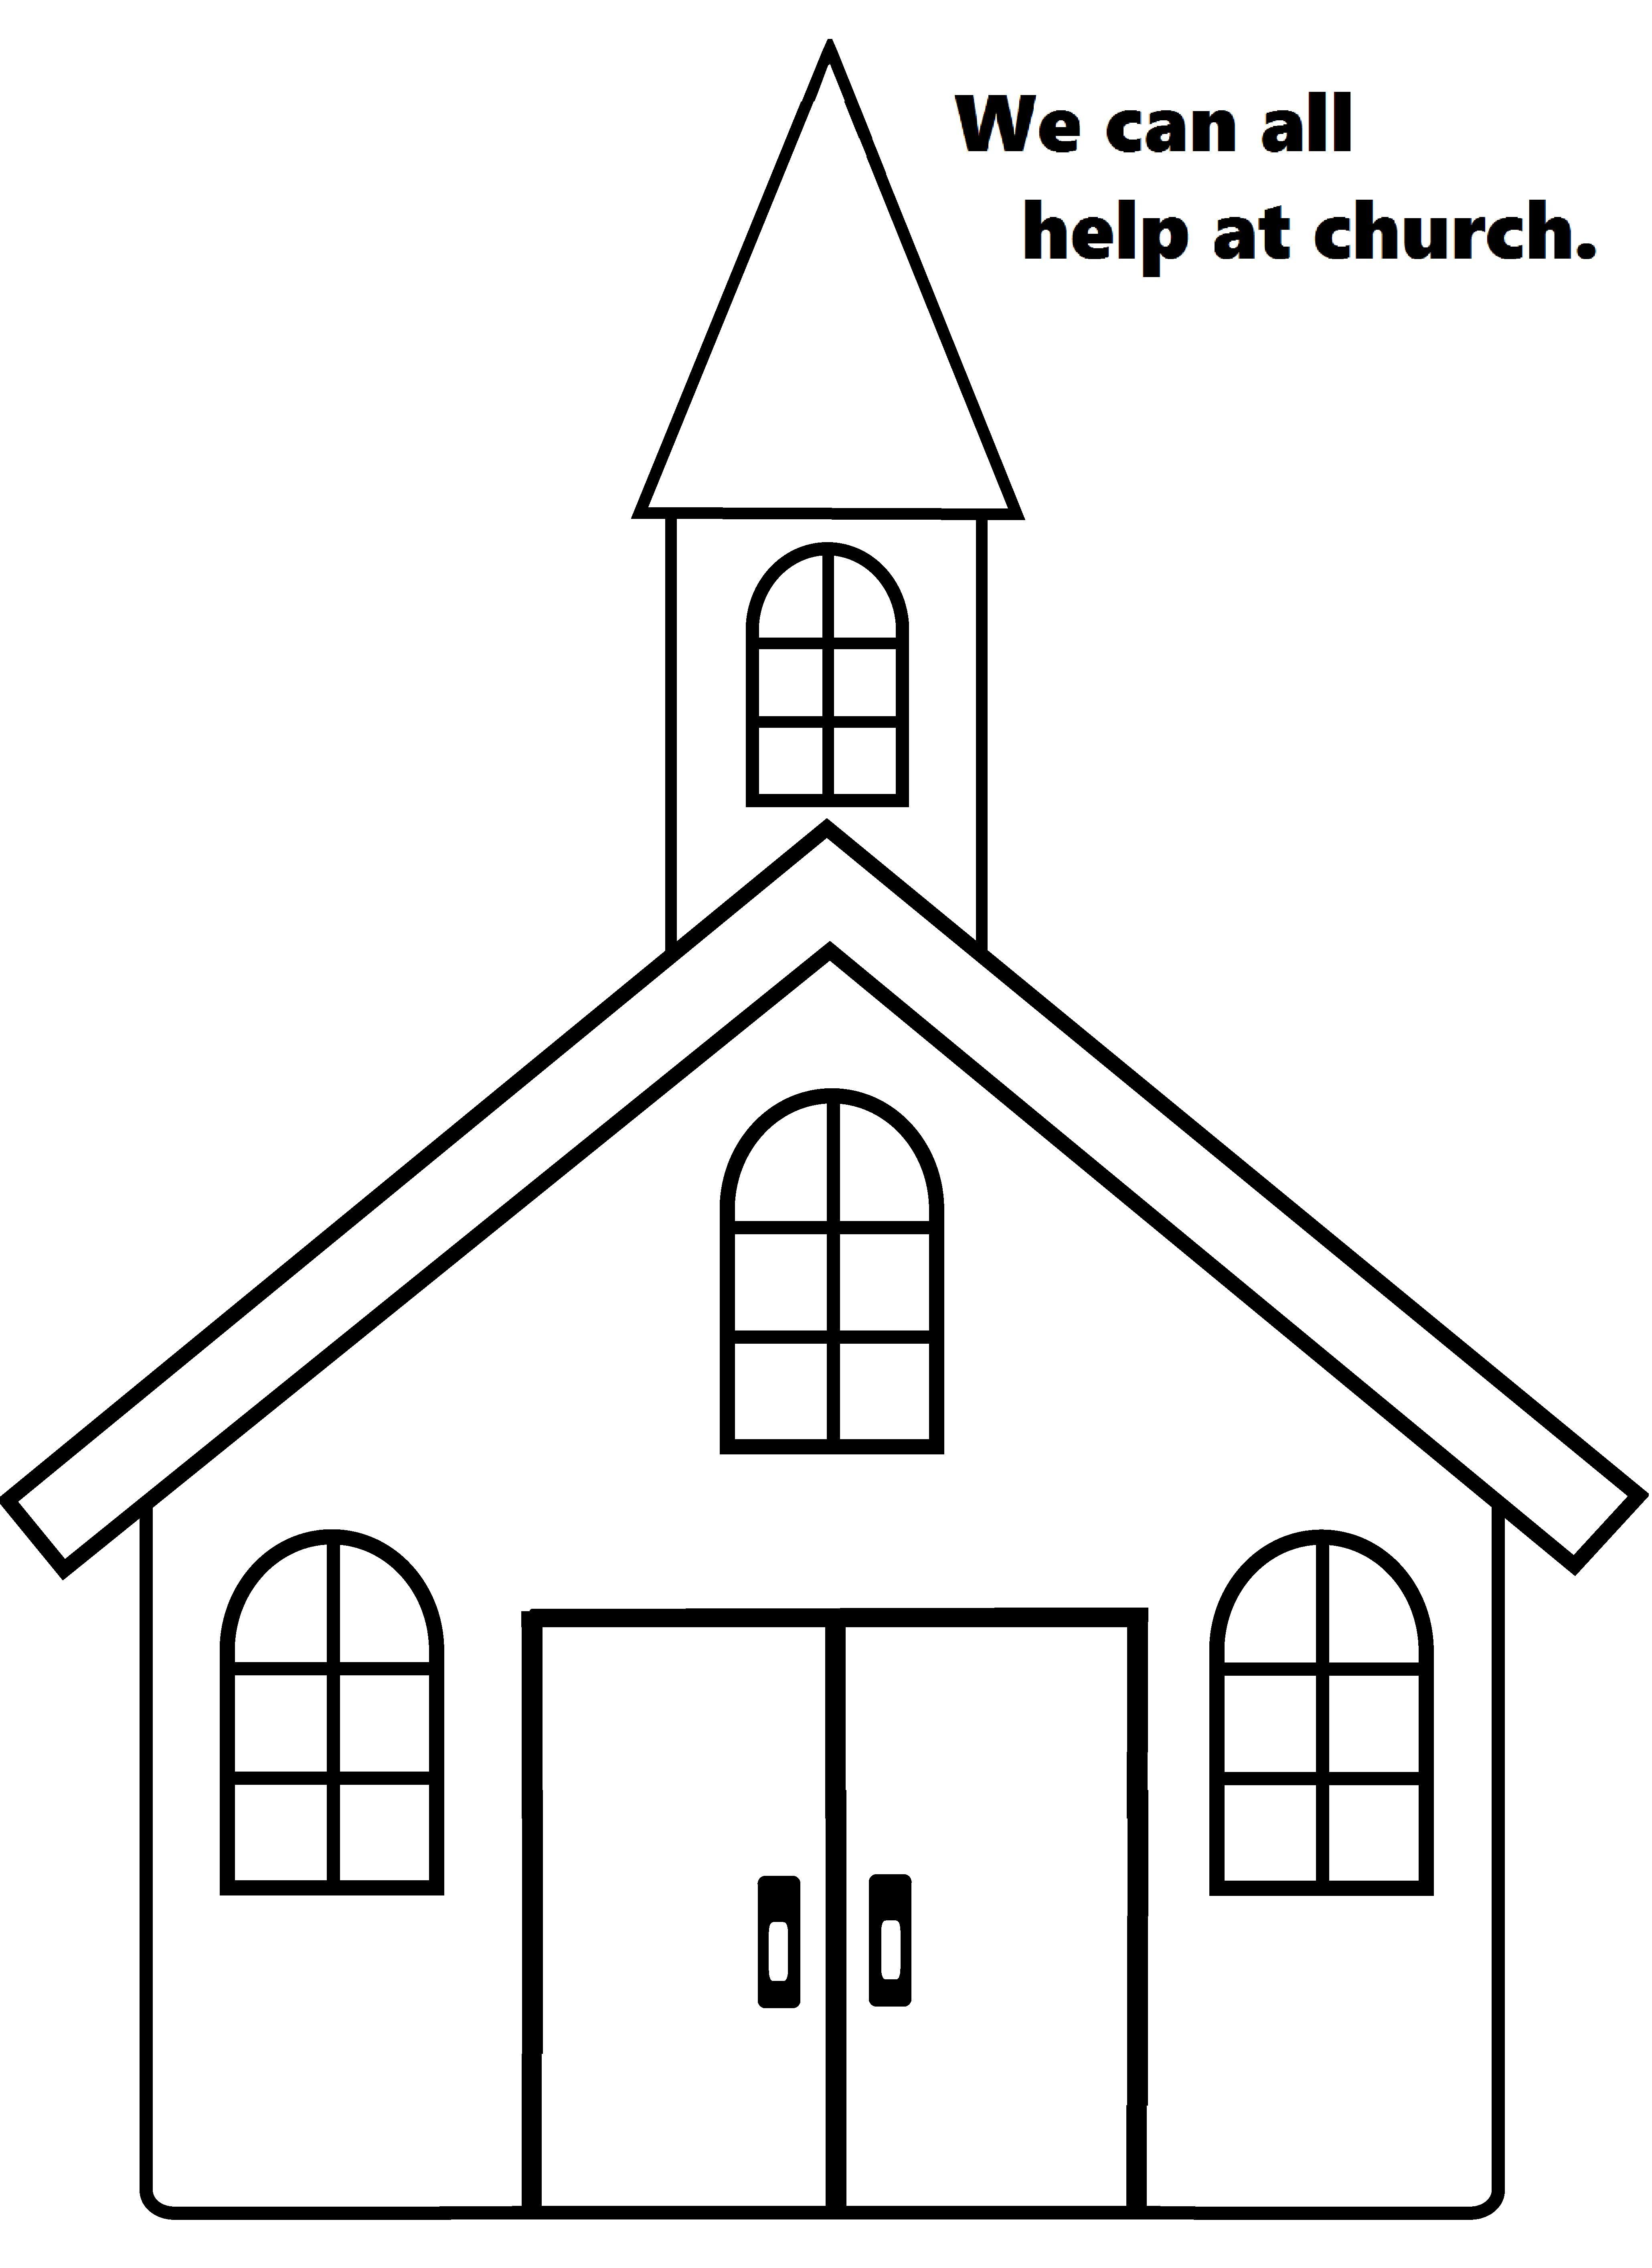 Lesson 44: We can all help at church. Print the church